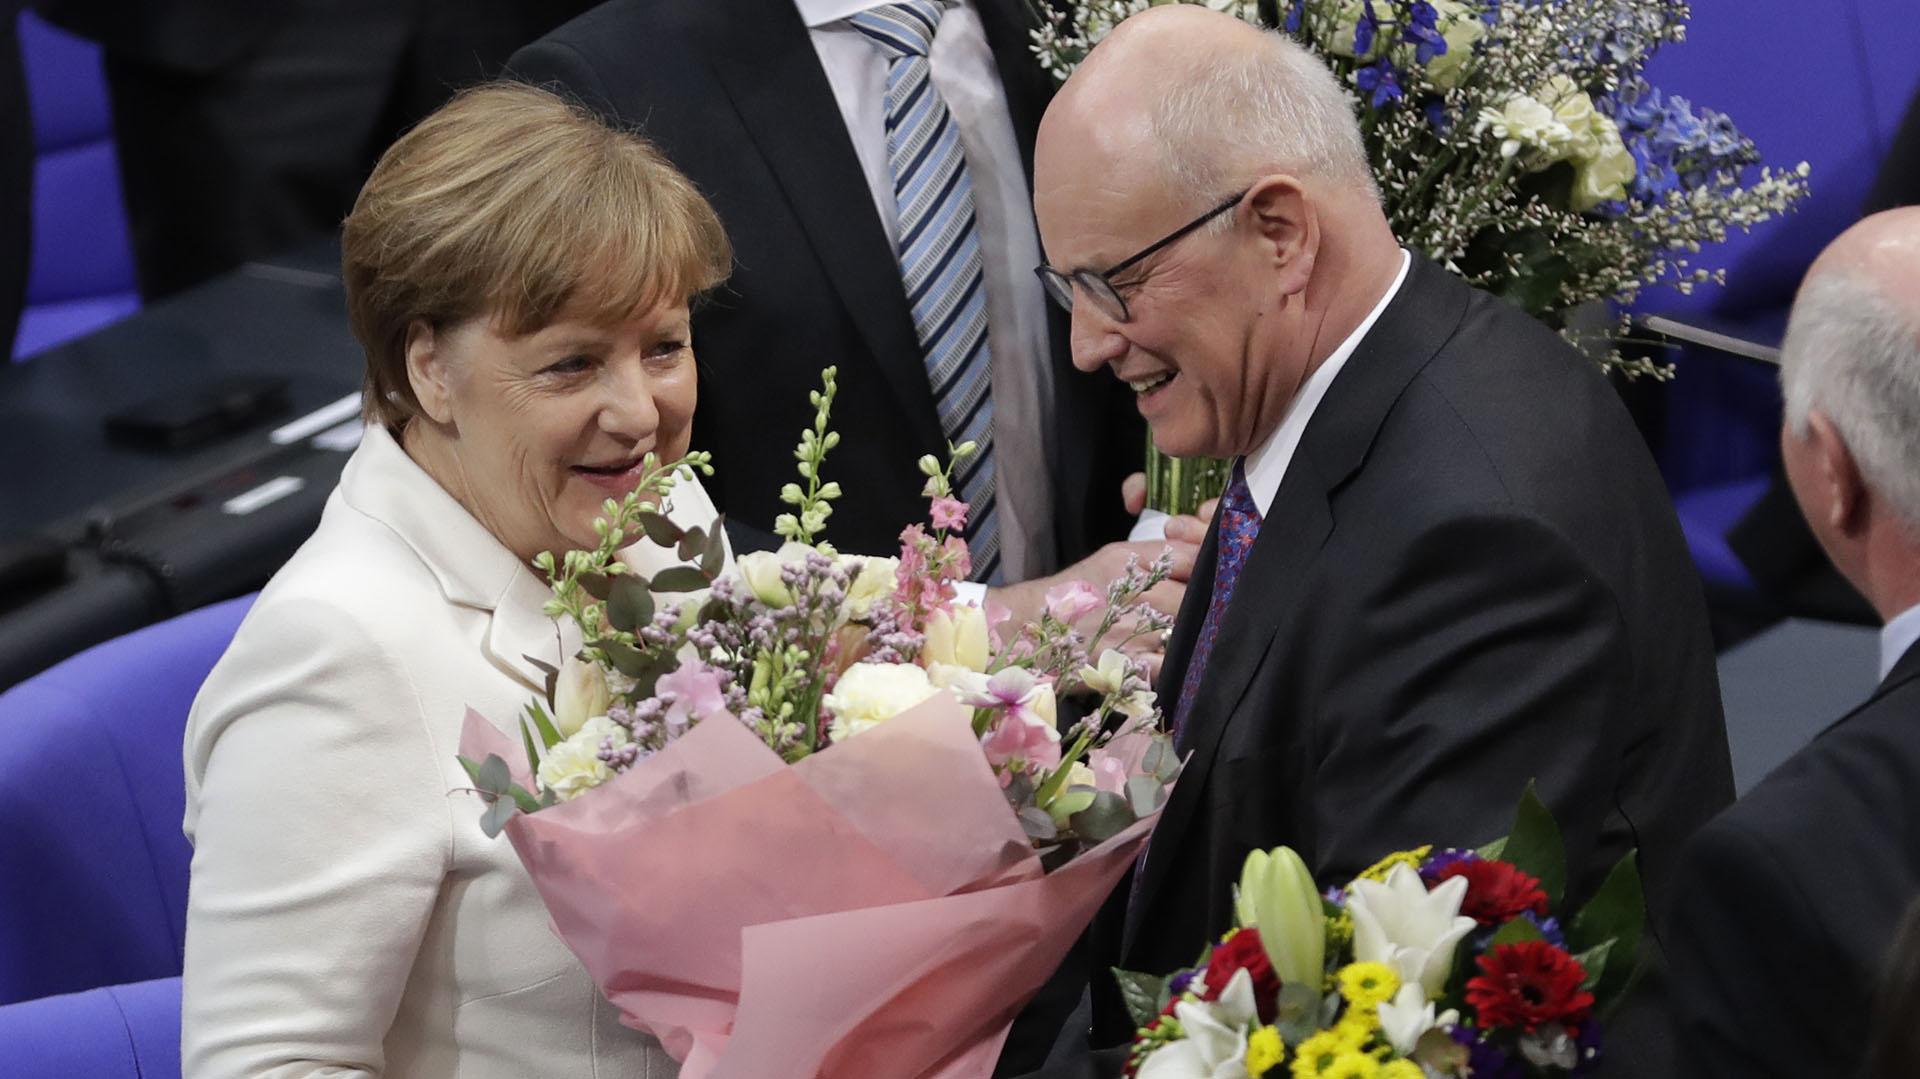 La canciller recibe flores como felicitación por su investidura (AP)